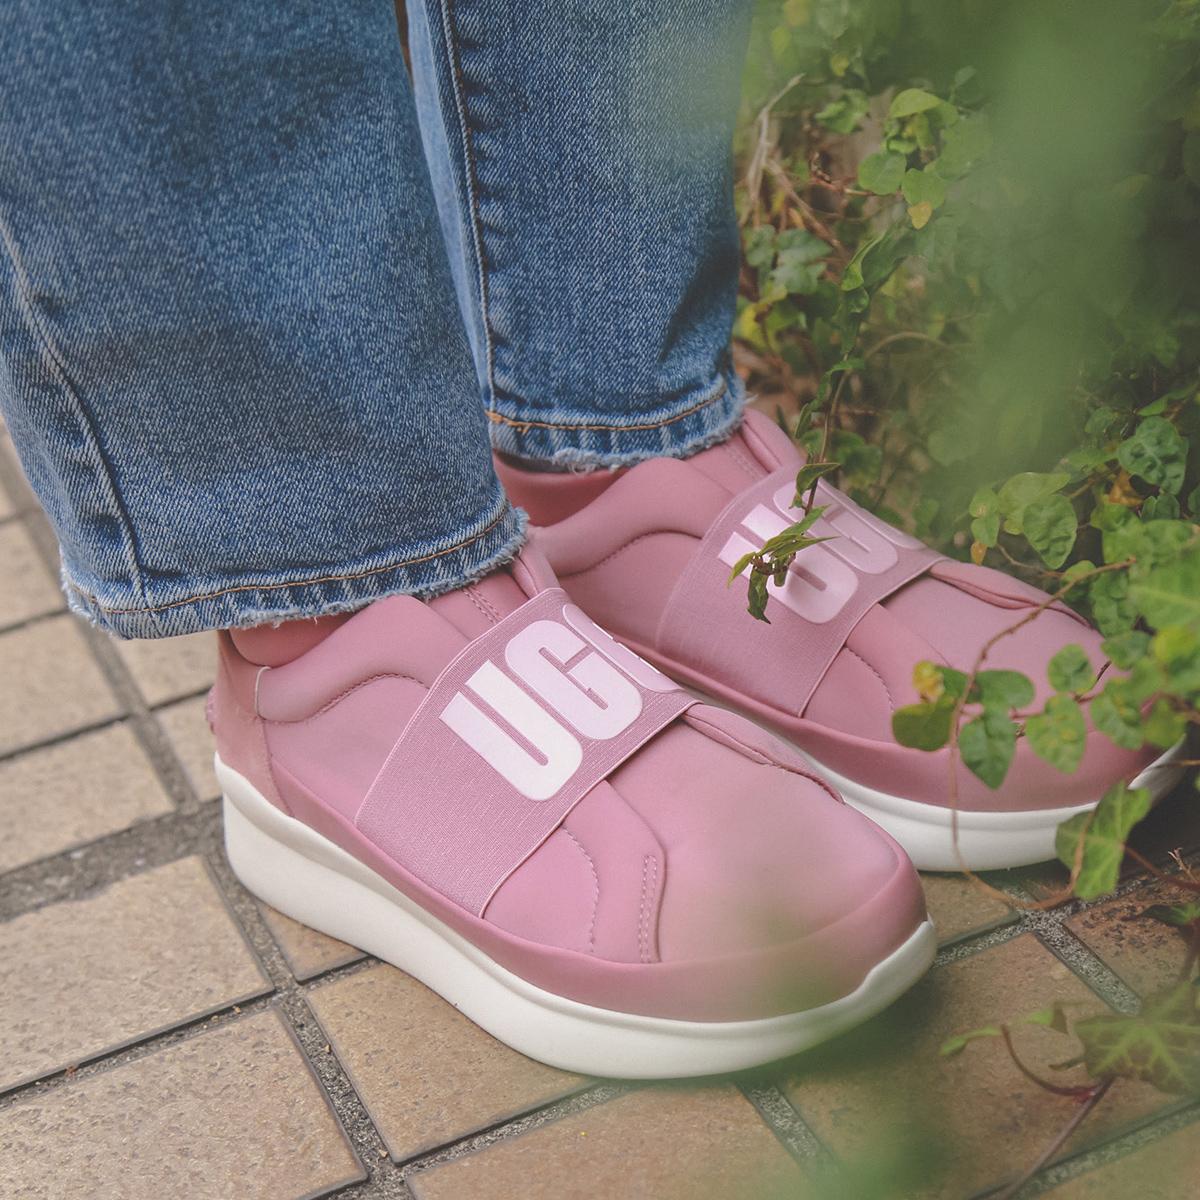 UGG Neutra Sneaker (アグ ニュートラ スニーカー)PINK DAWN【レディース スニーカー】19SS-I